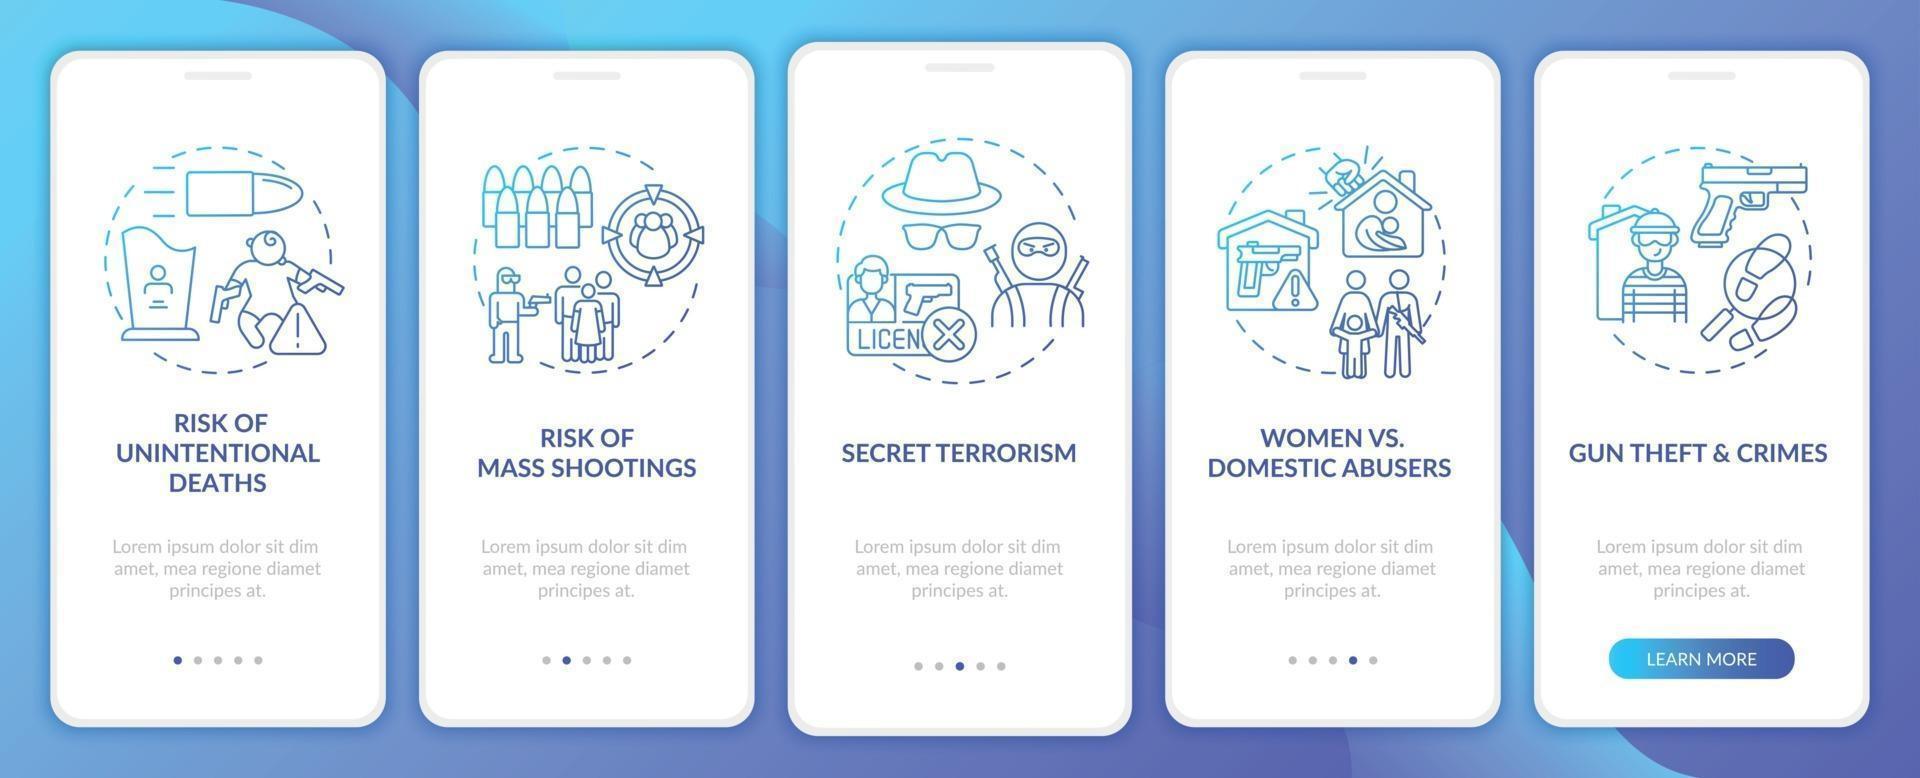 risco de filmar a tela da página do aplicativo móvel em azul escuro com conceitos vetor